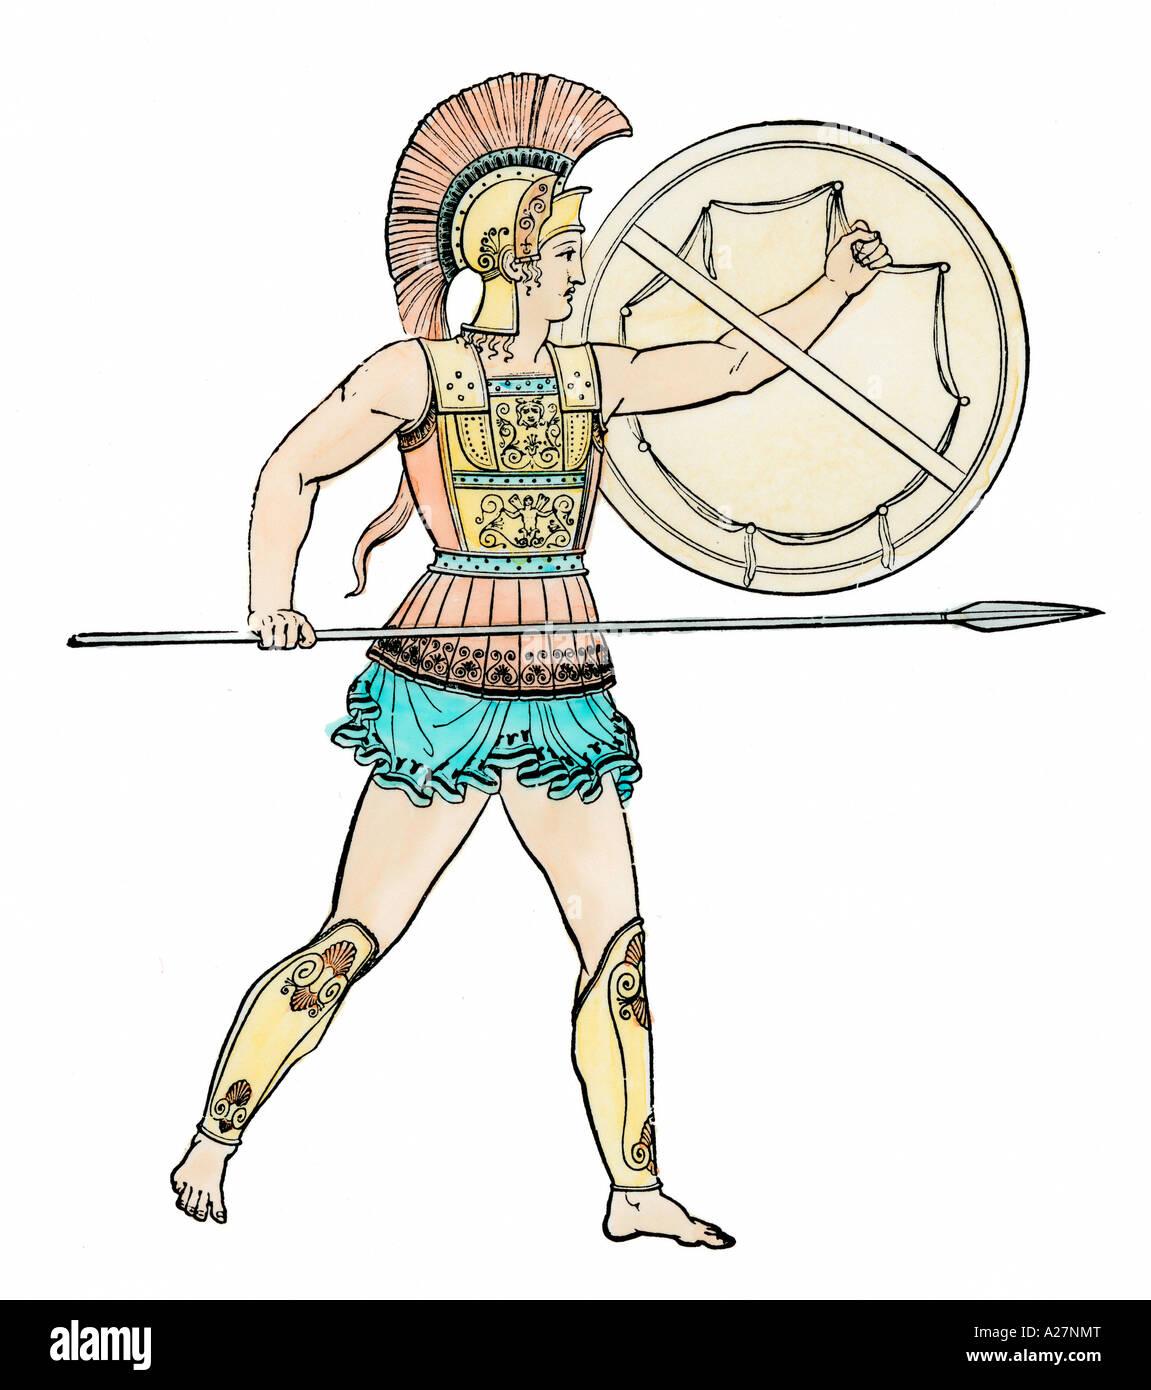 Krieger des alten Griechenland. Hand - farbige Holzschnitt Stockbild